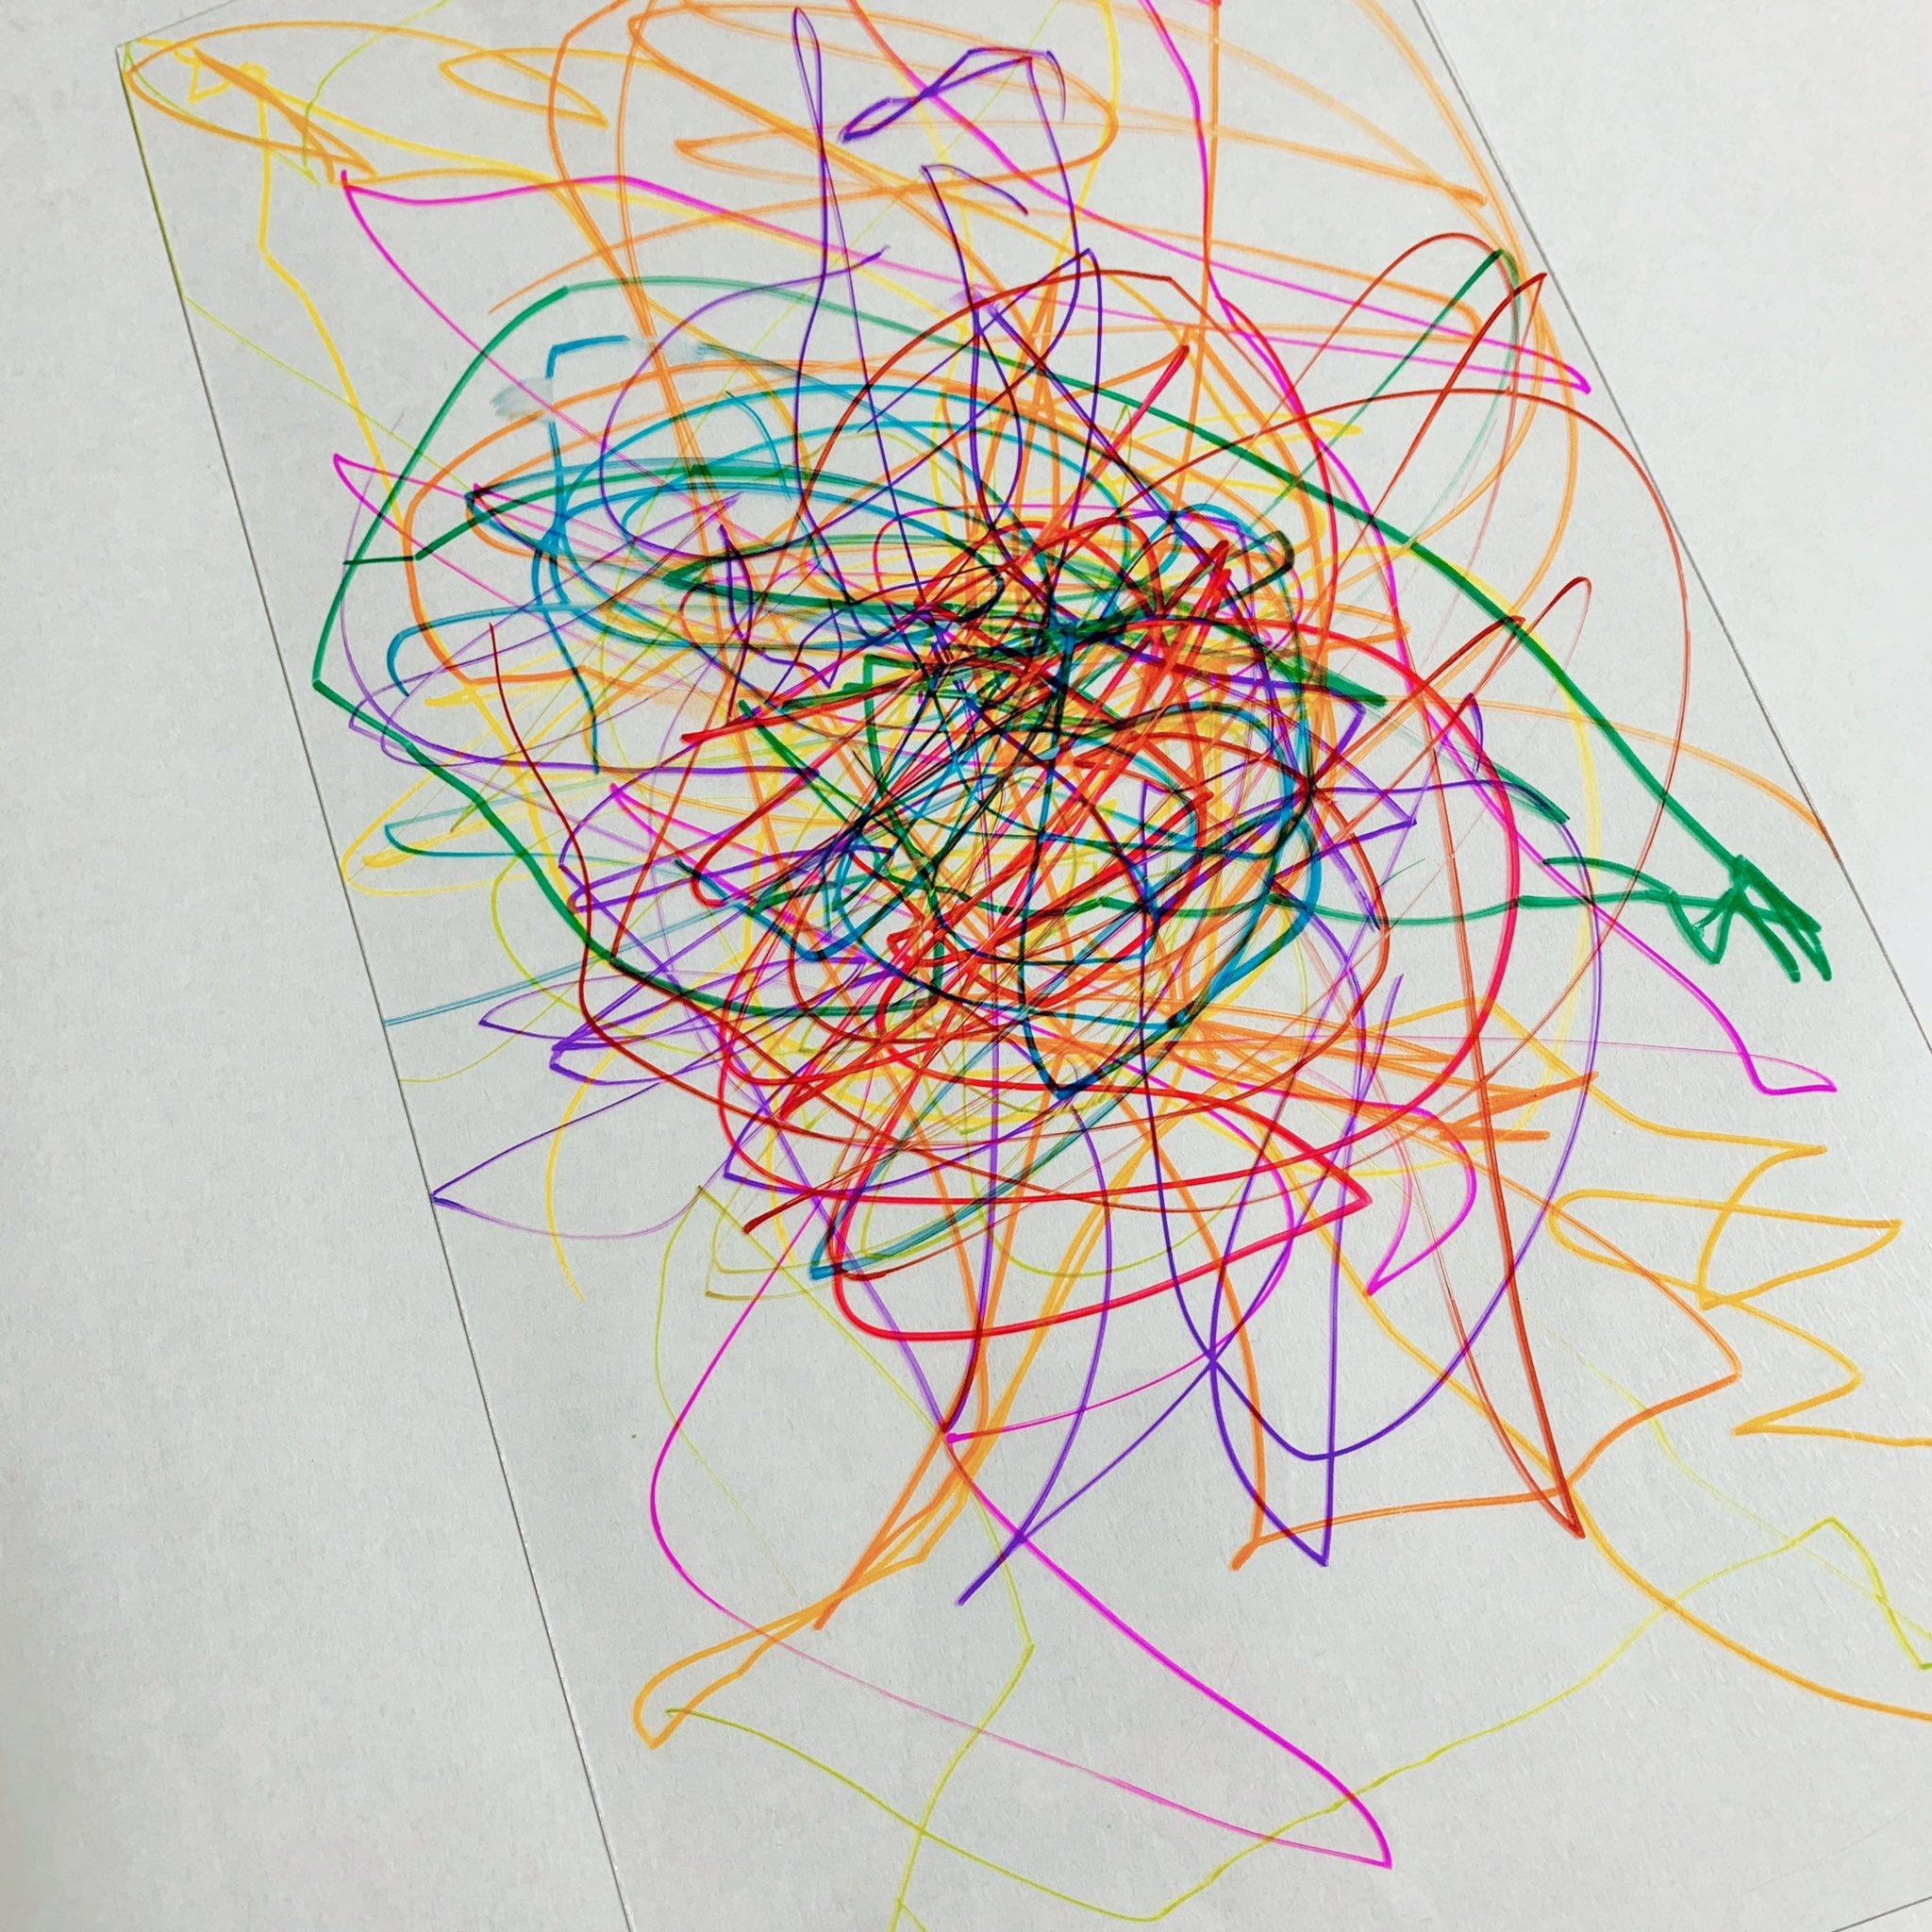 娘の絵が好きすぎてアクセサリーパーツ作ったよ!!プラバンに絵を描いて焼く→レジンでコーティングするだけ。すごく簡単なのにめっちゃ可愛いくなった🥰